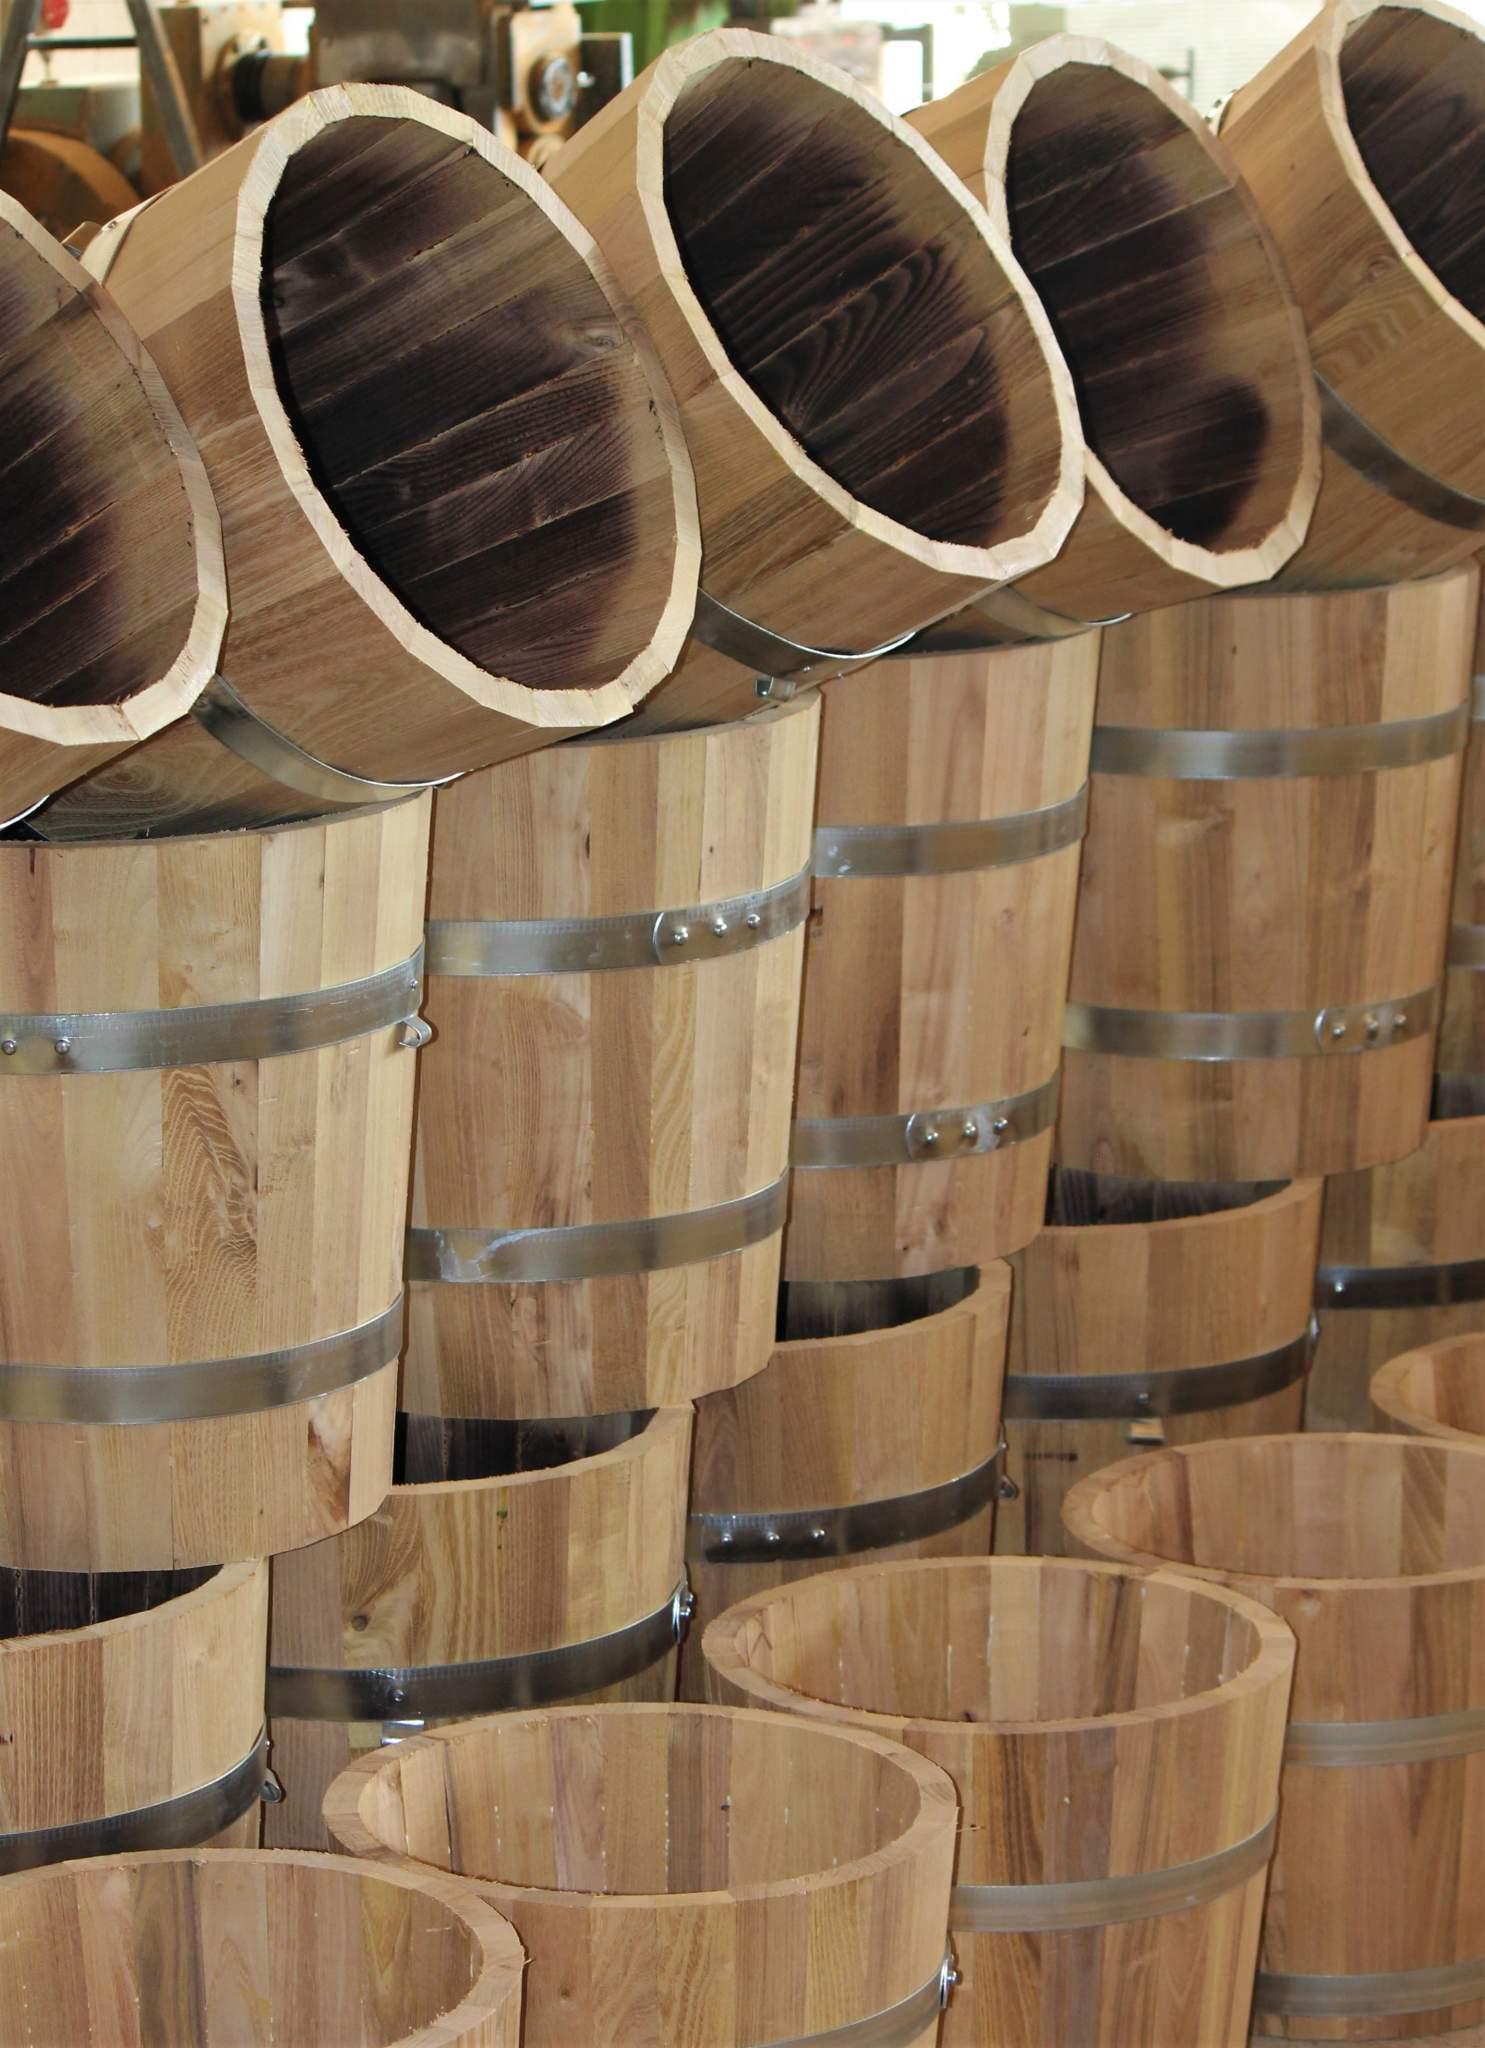 Fertige Pflanzkübel-Rohlinge warten auf die Feuerbehandlung der Innenseite, auf Schliff und Ölen sowie die Montage der Bogenfüsse.